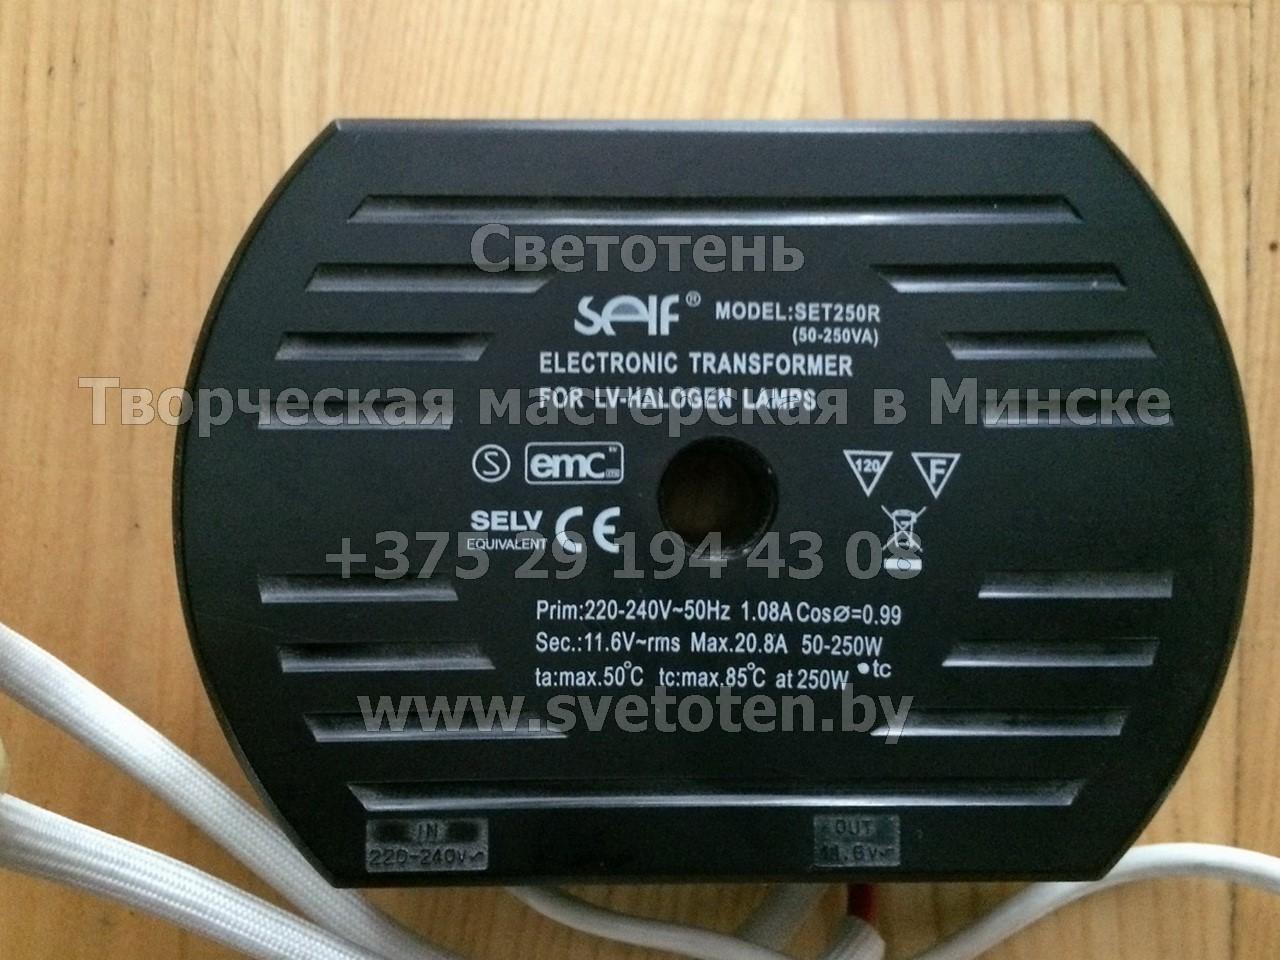 Электронные круглые трансформаторы для люстр в Минске